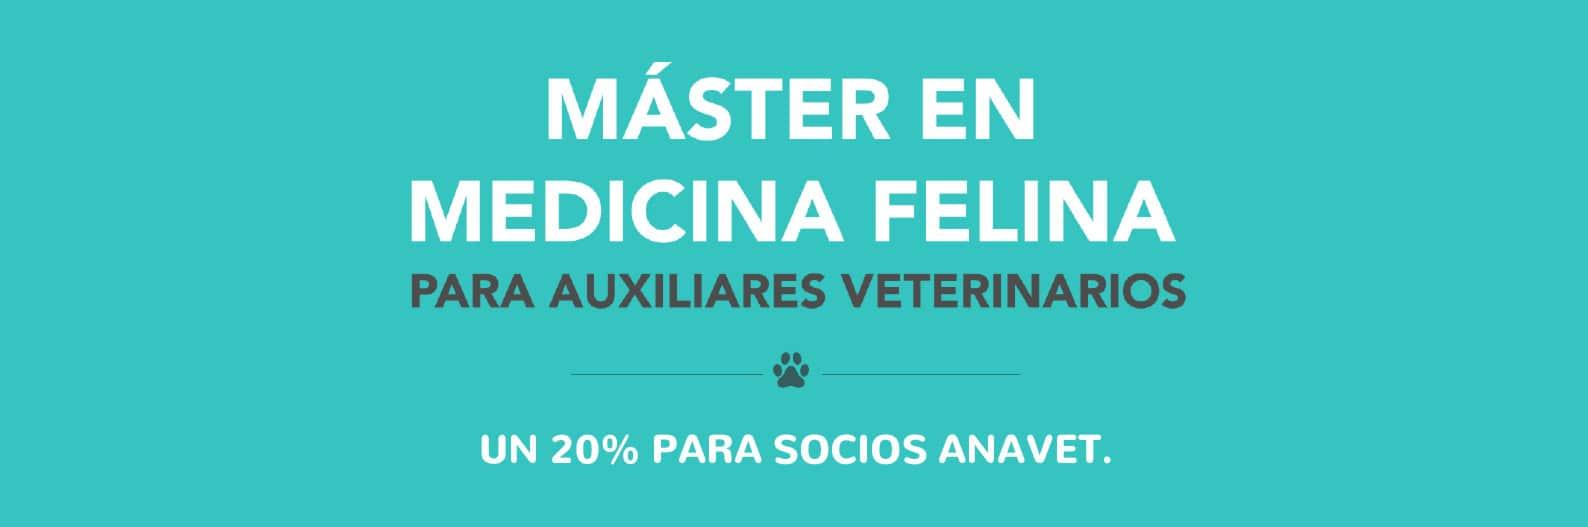 Máster en Medicina Felina para auxiliares